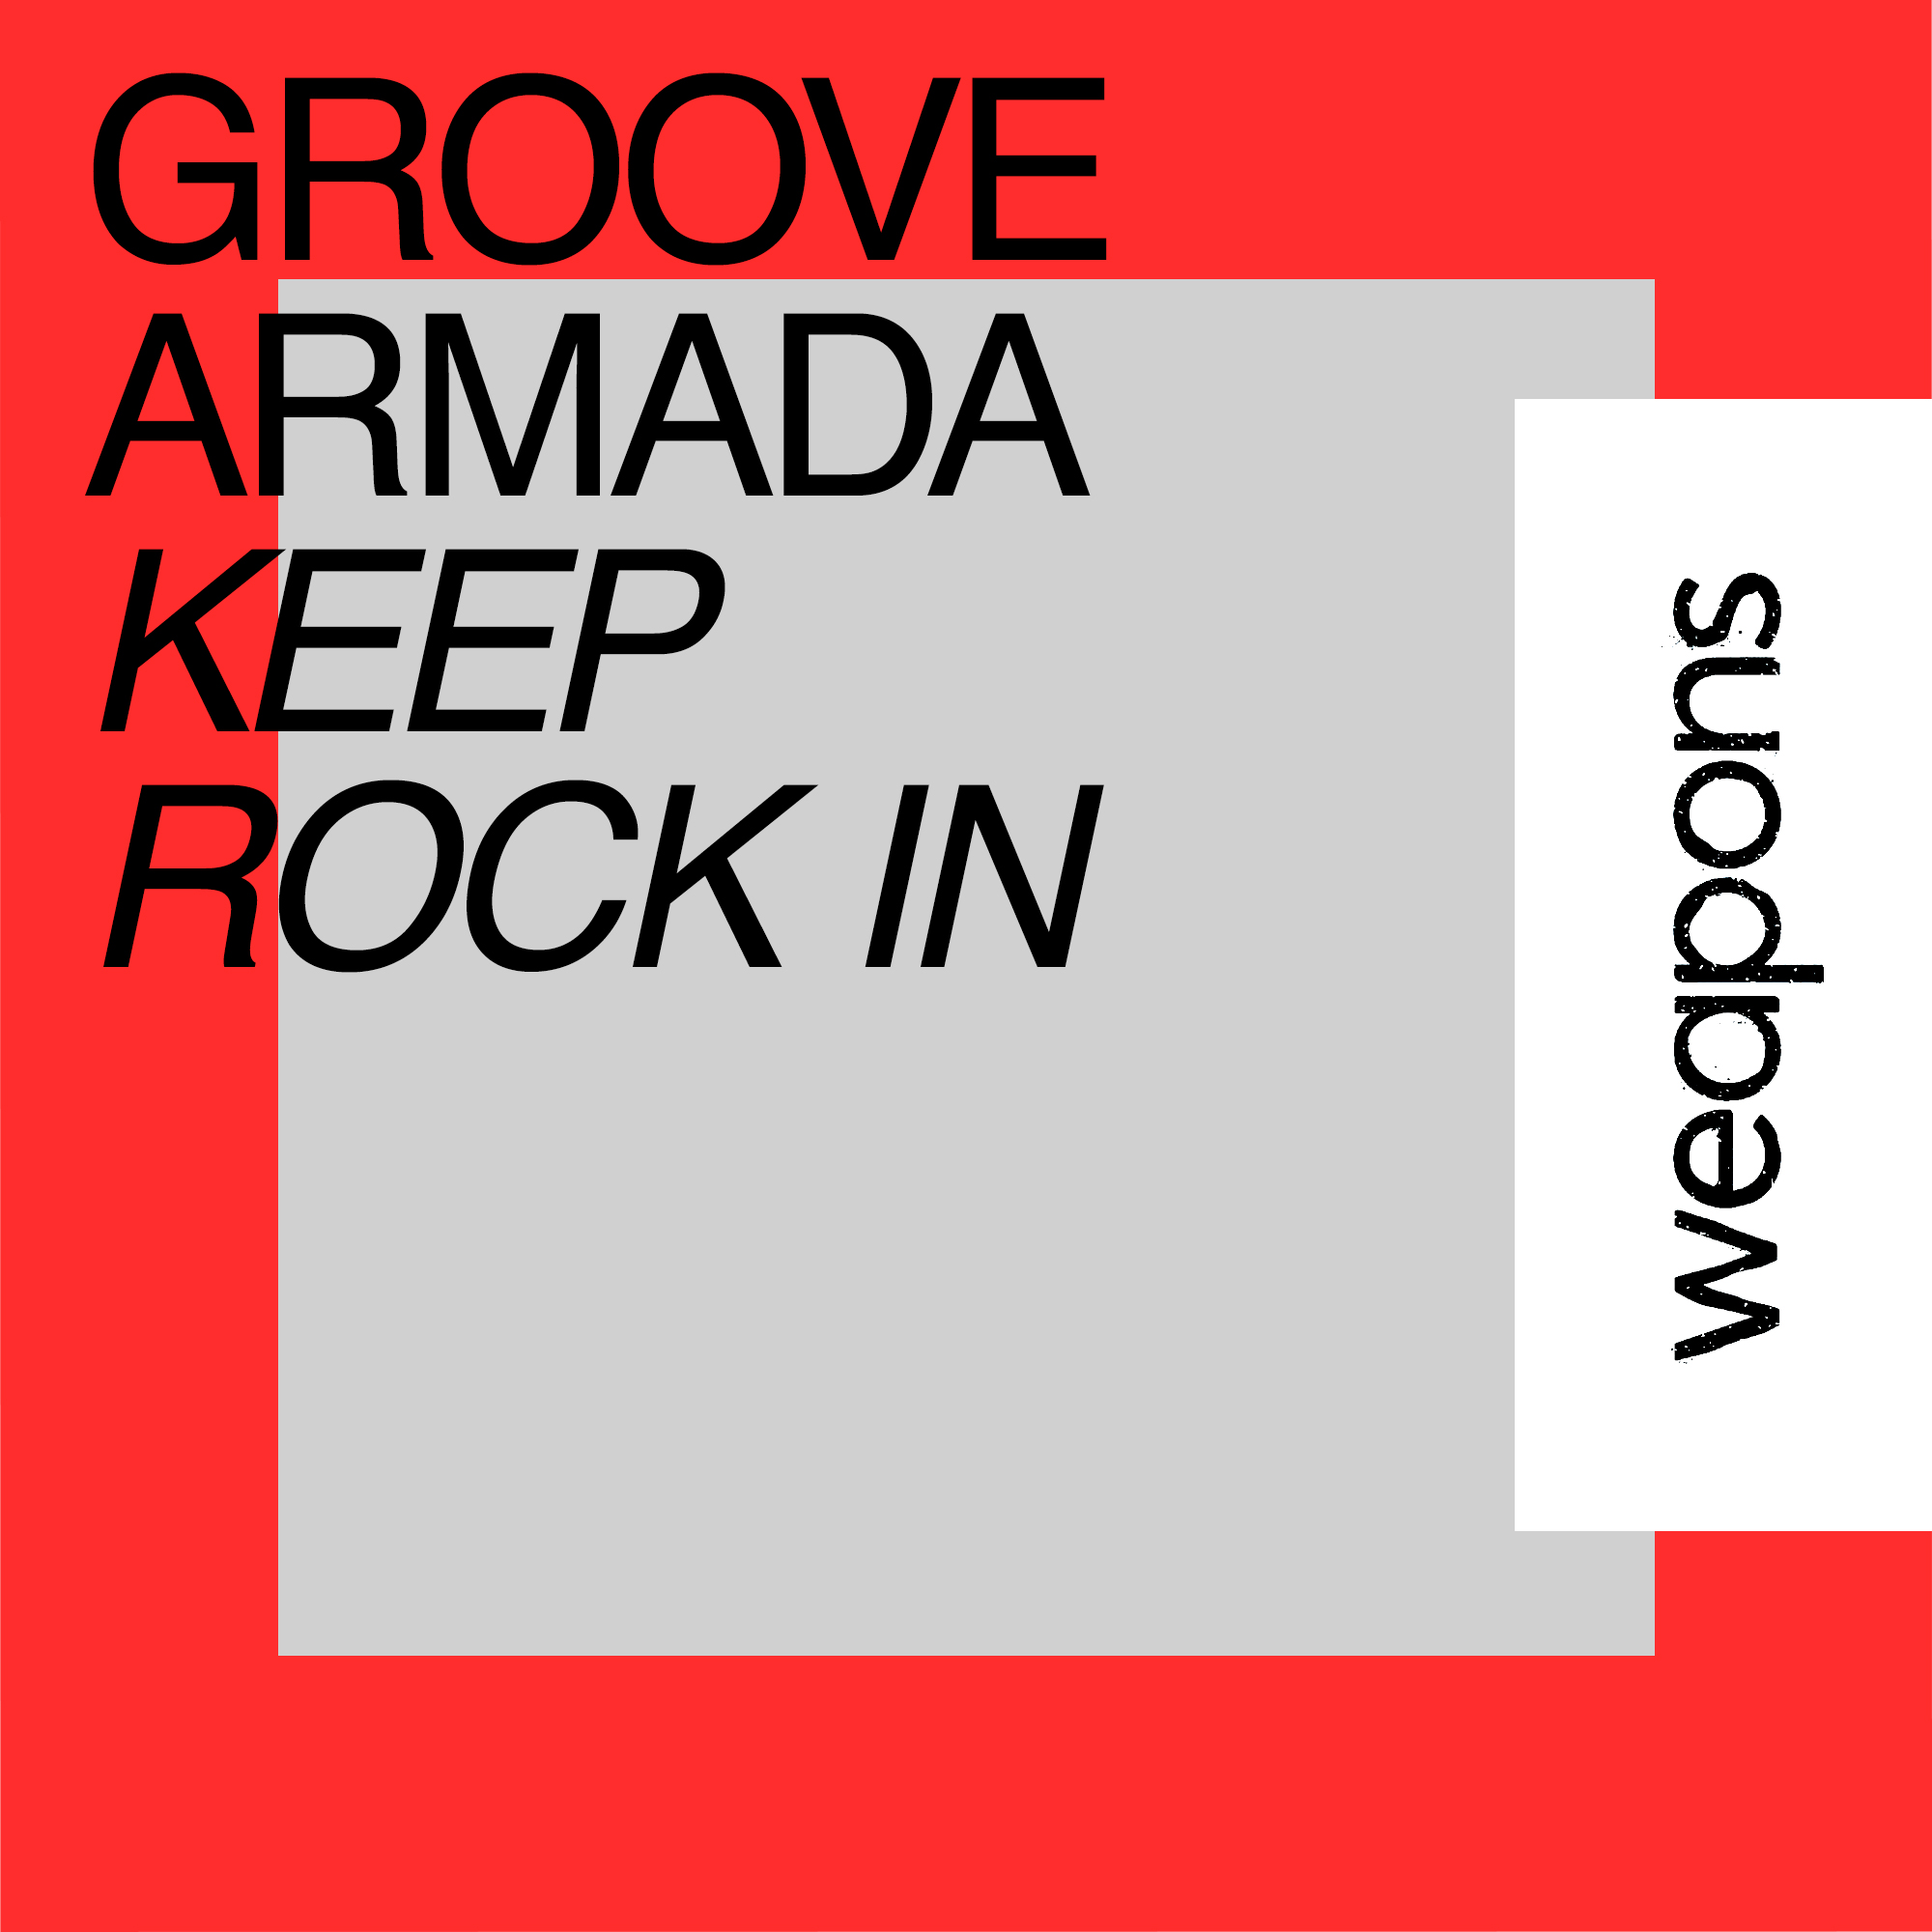 Keep Rock In.jpg